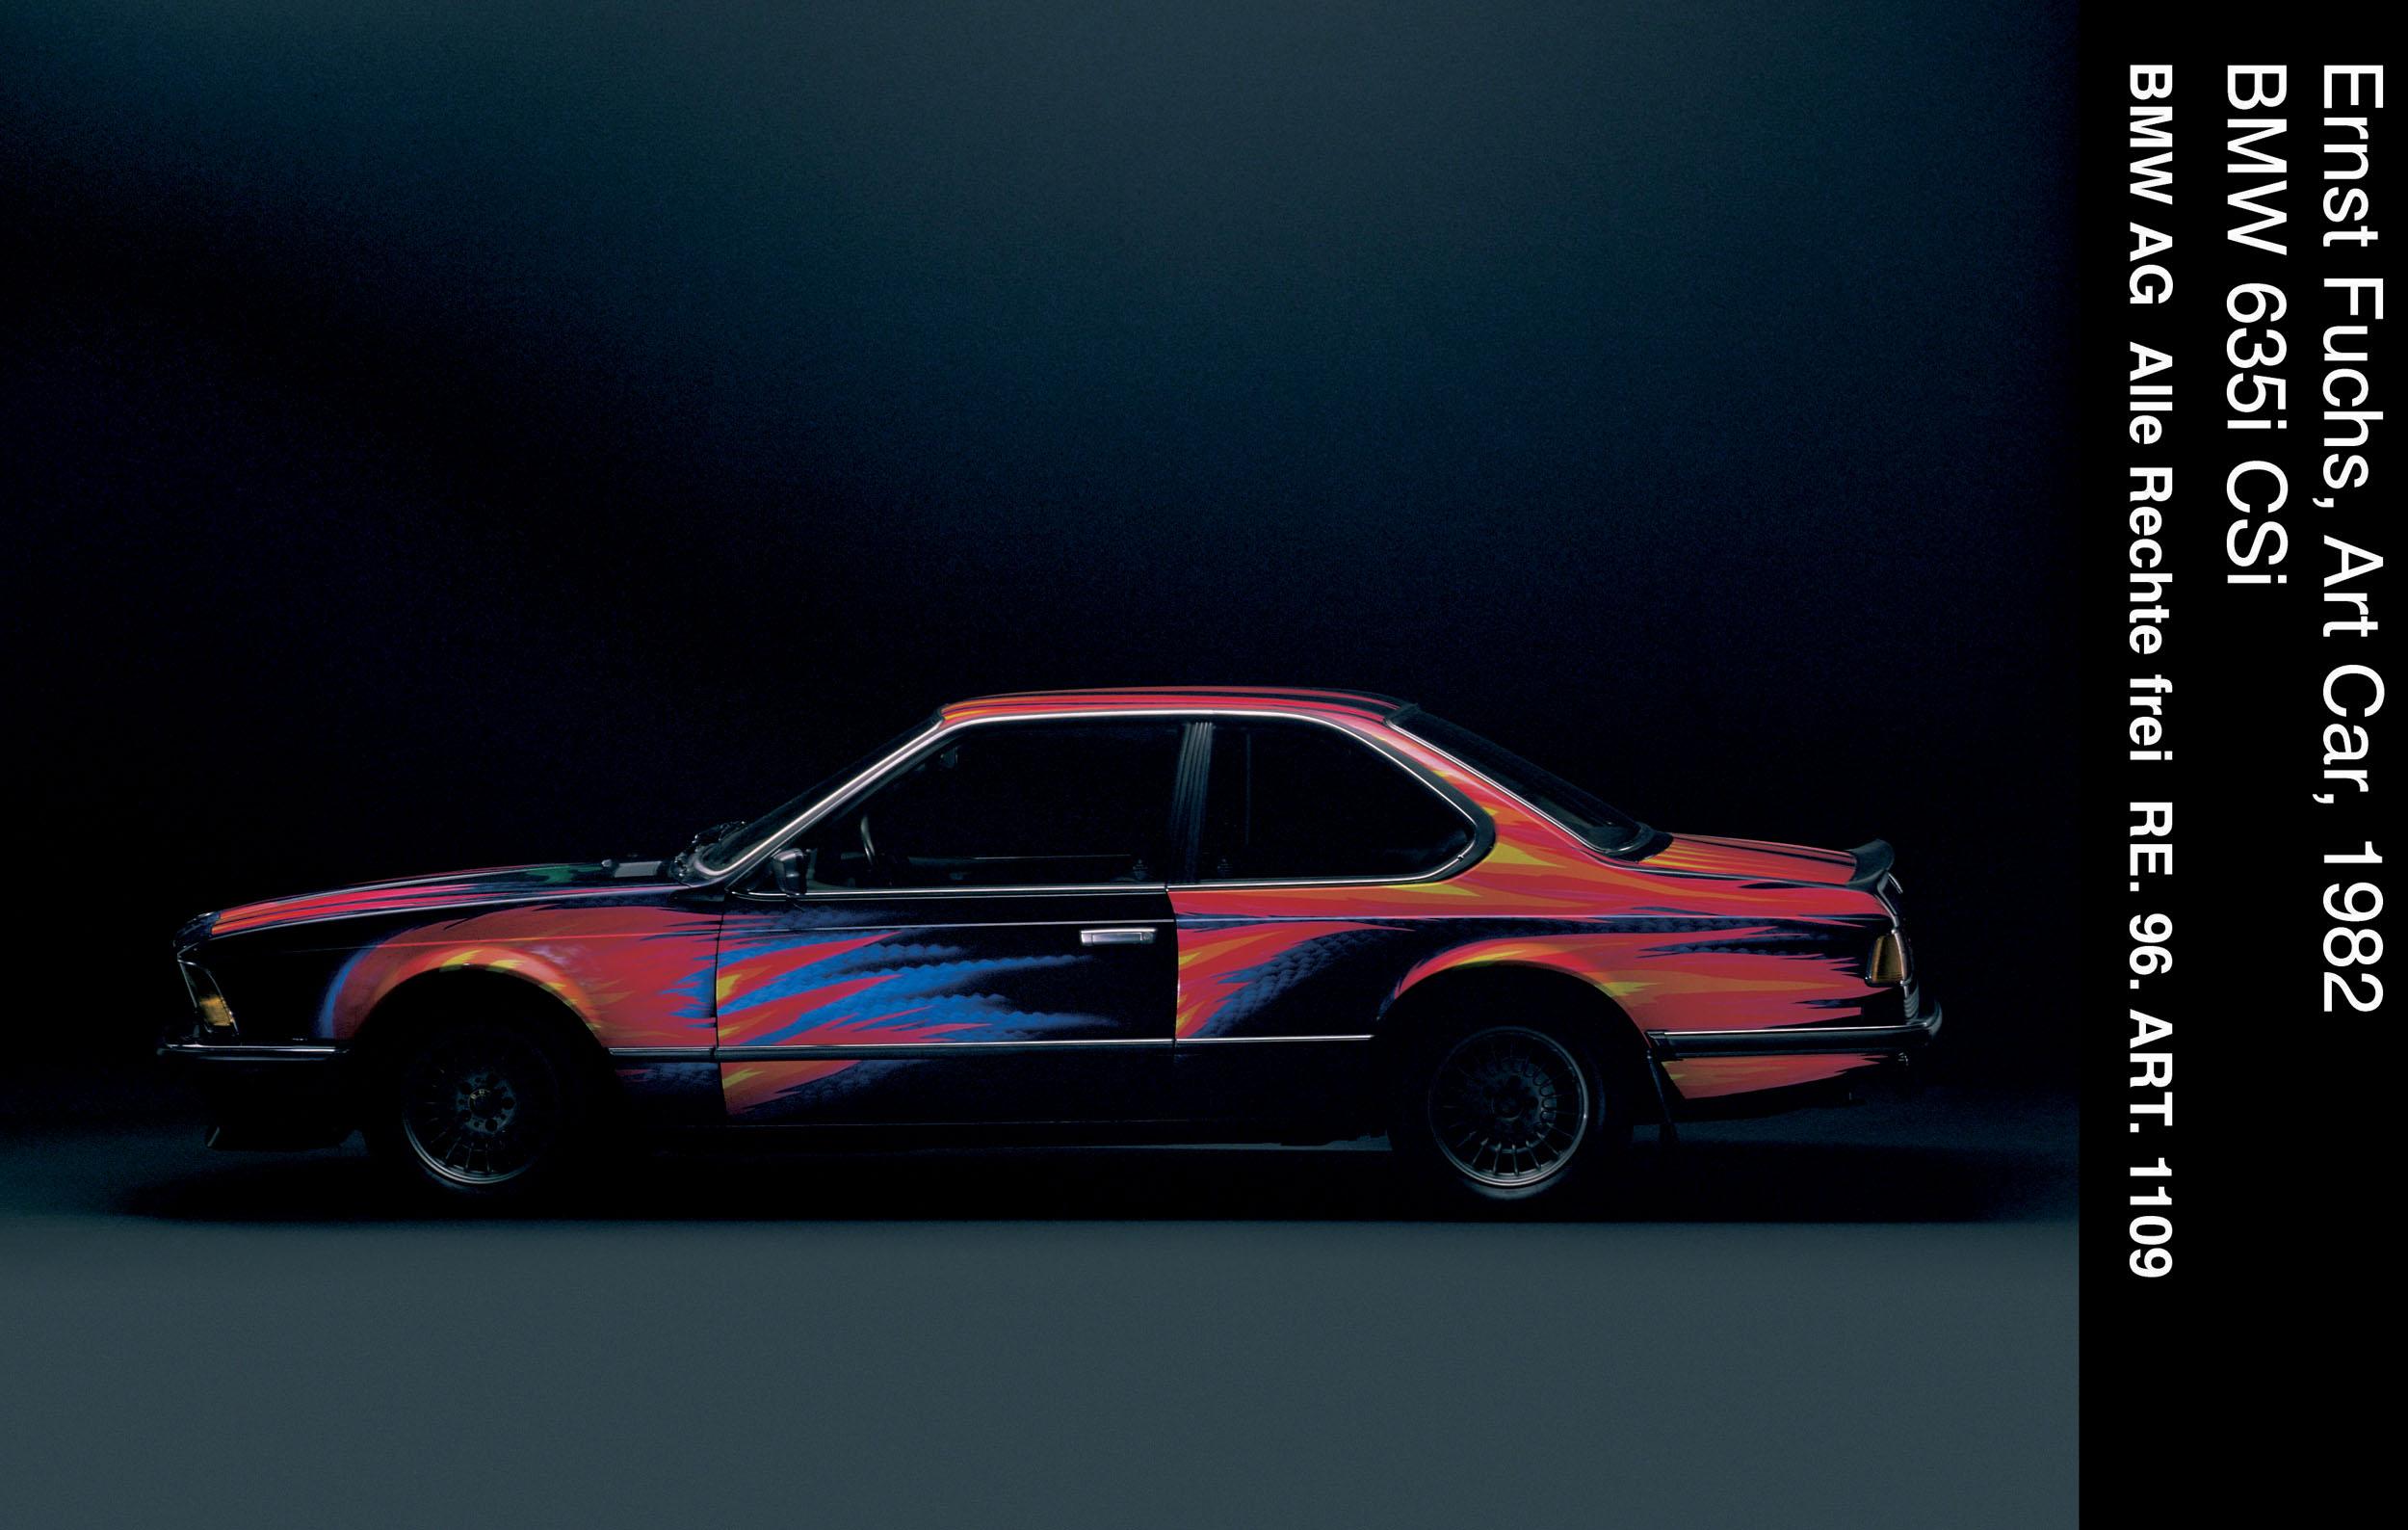 BMW 635 CSi Art Car # 5